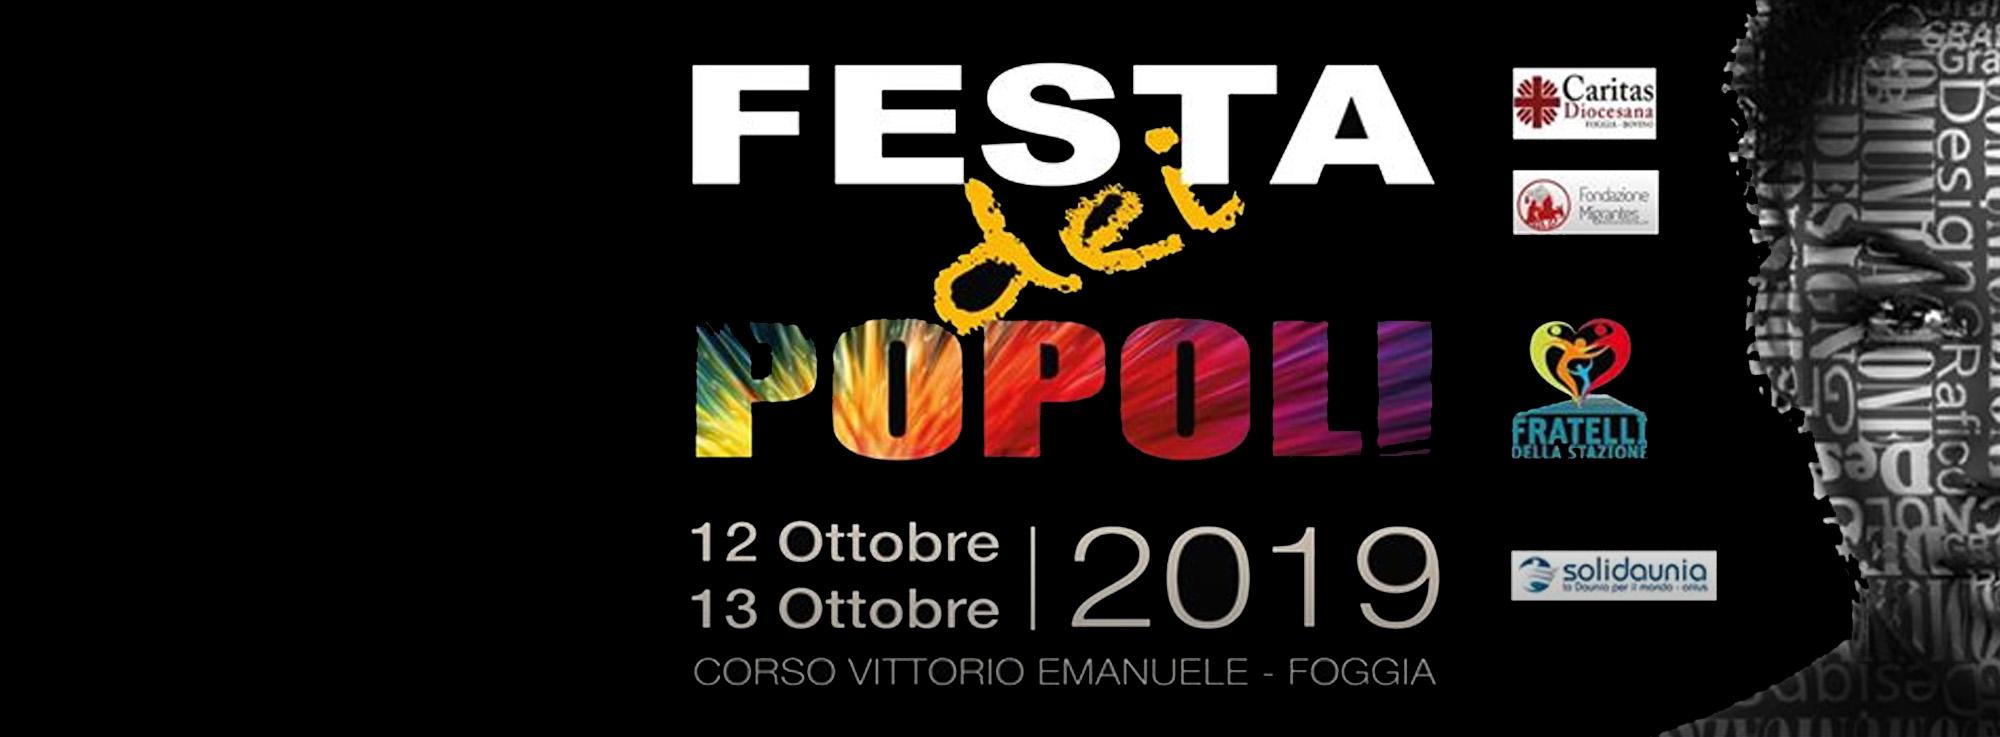 Foggia: Festa dei Popoli